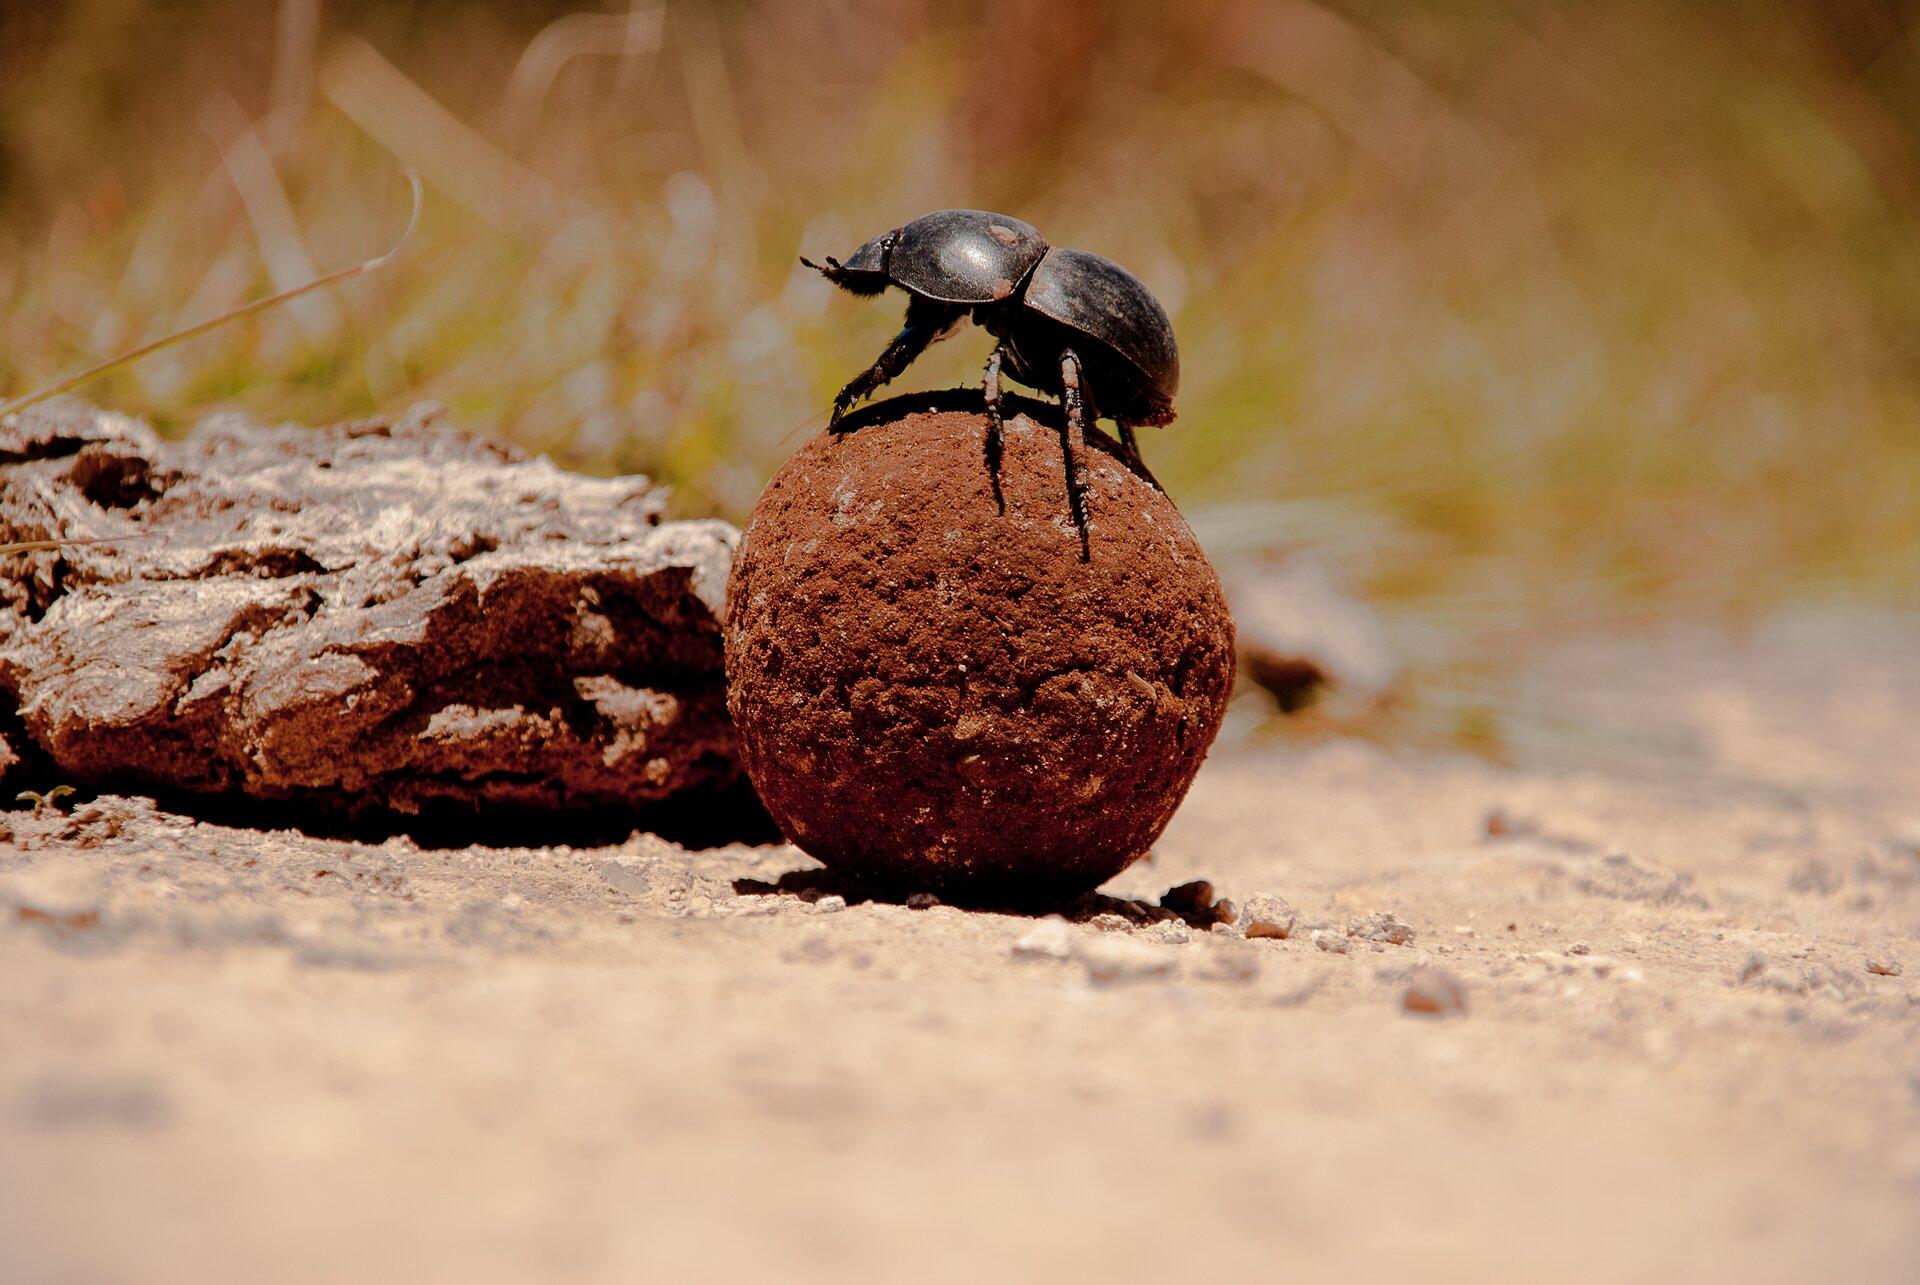 Fotografia przestawia duże zbliżenie czarnego żuka na brązowej kulce nawozu. Obok leżą odchody, zktórych żuk utoczył kulę.